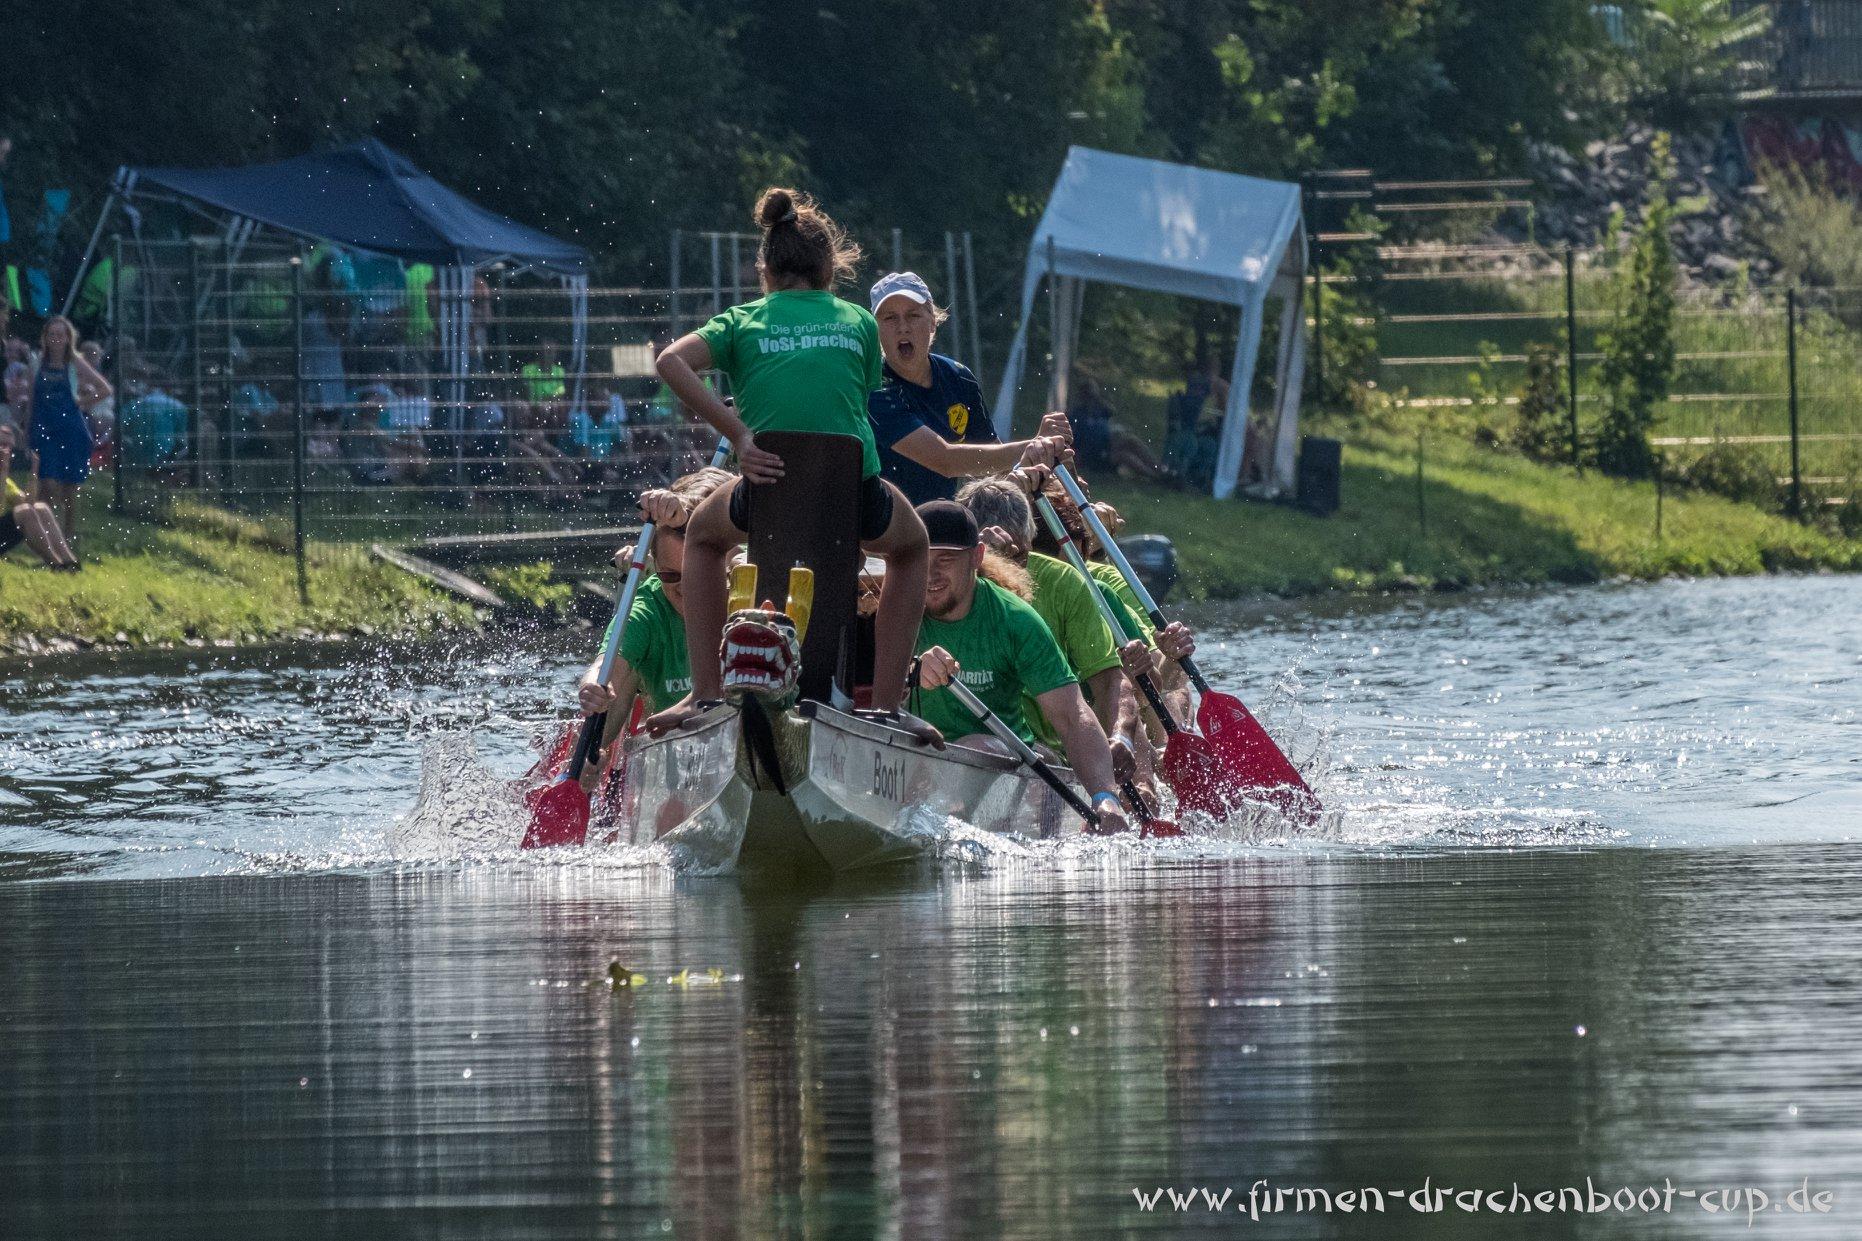 """""""Die Grün-roten VoSi-Drachen"""" beim Leipziger Drachenboot-Cup"""